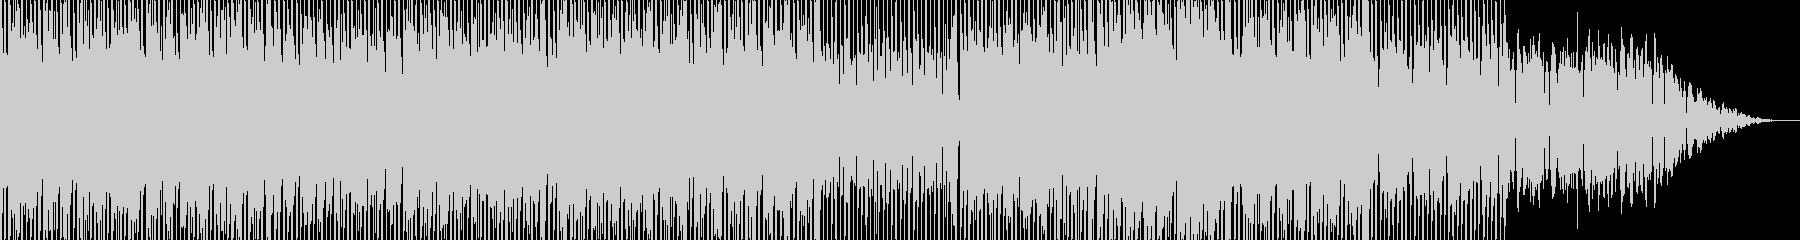 爽やかなフルートがメロディーのエレクトロの未再生の波形